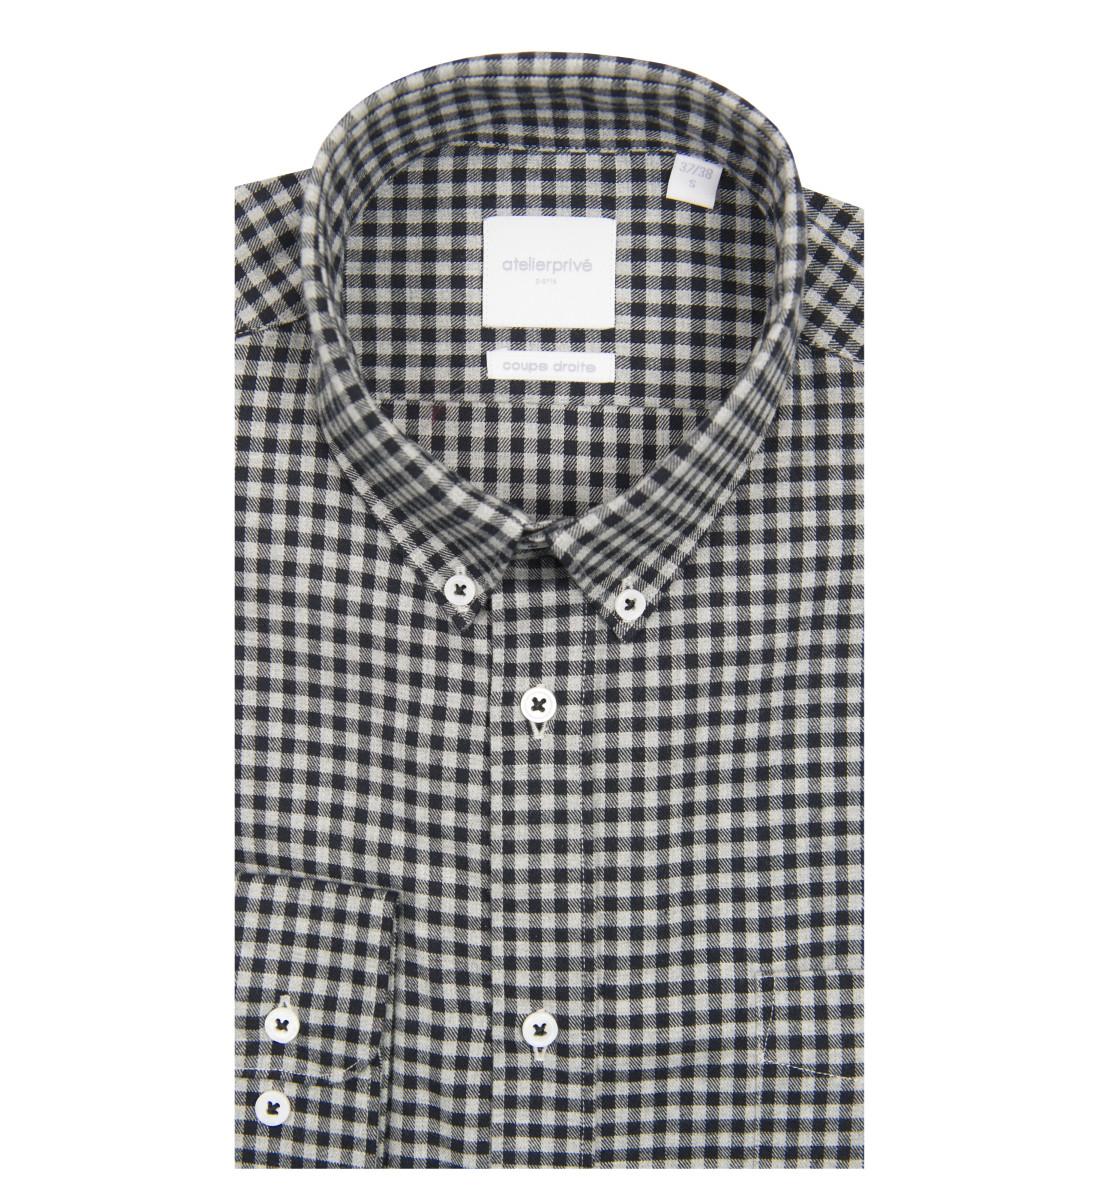 Chemise coupe droite Owen noir